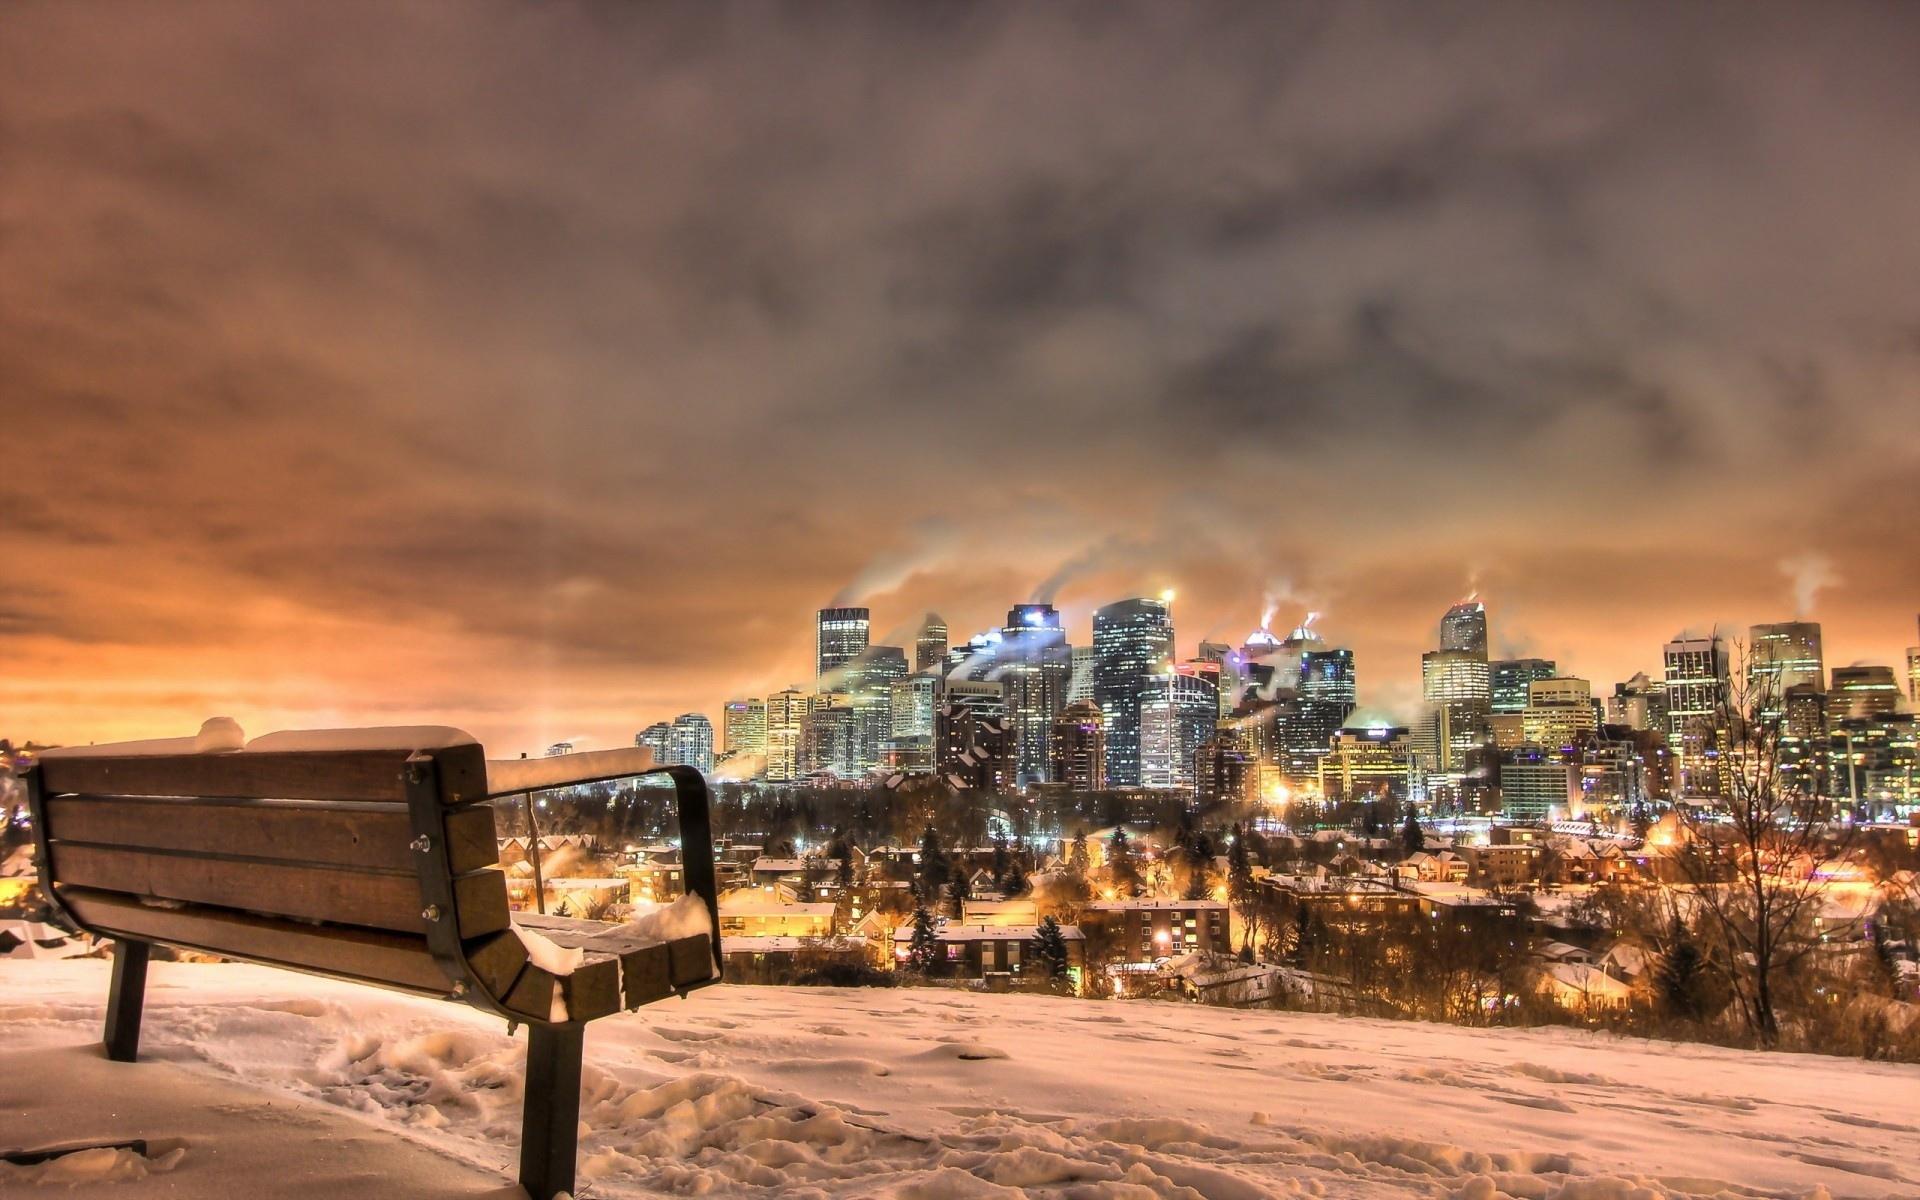 картинки снега в городе высокое качество знаем, что стройных